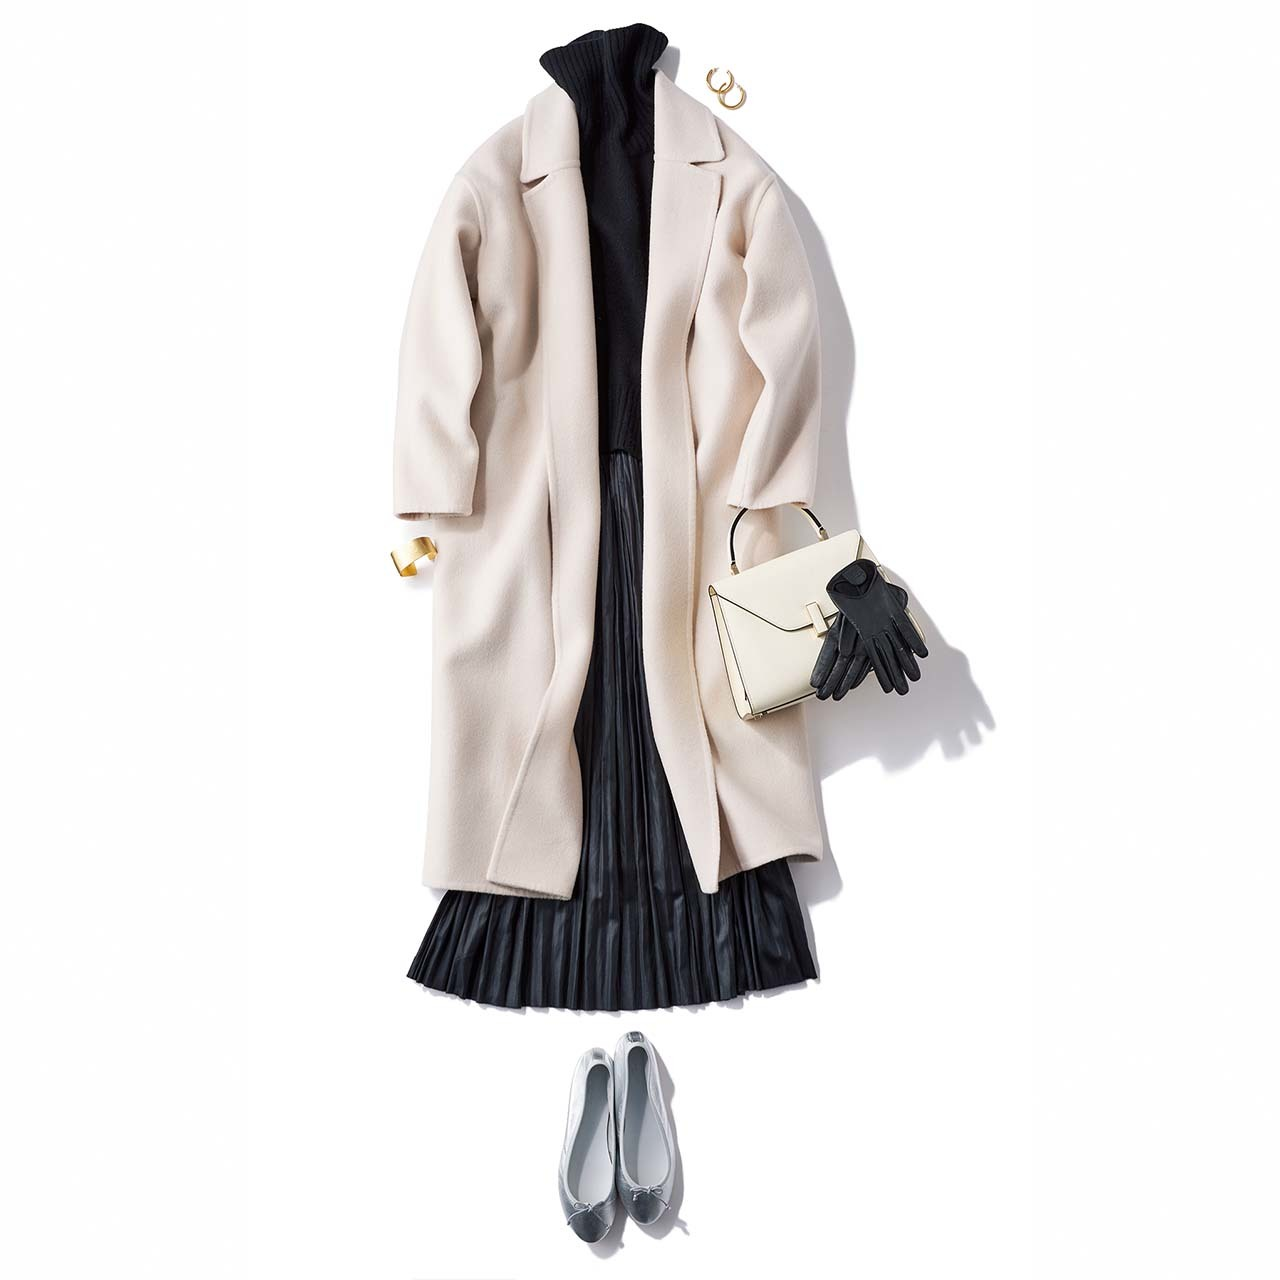 コート×ニット×プリーツスカートコーデを着たモデルの高垣麗子さん